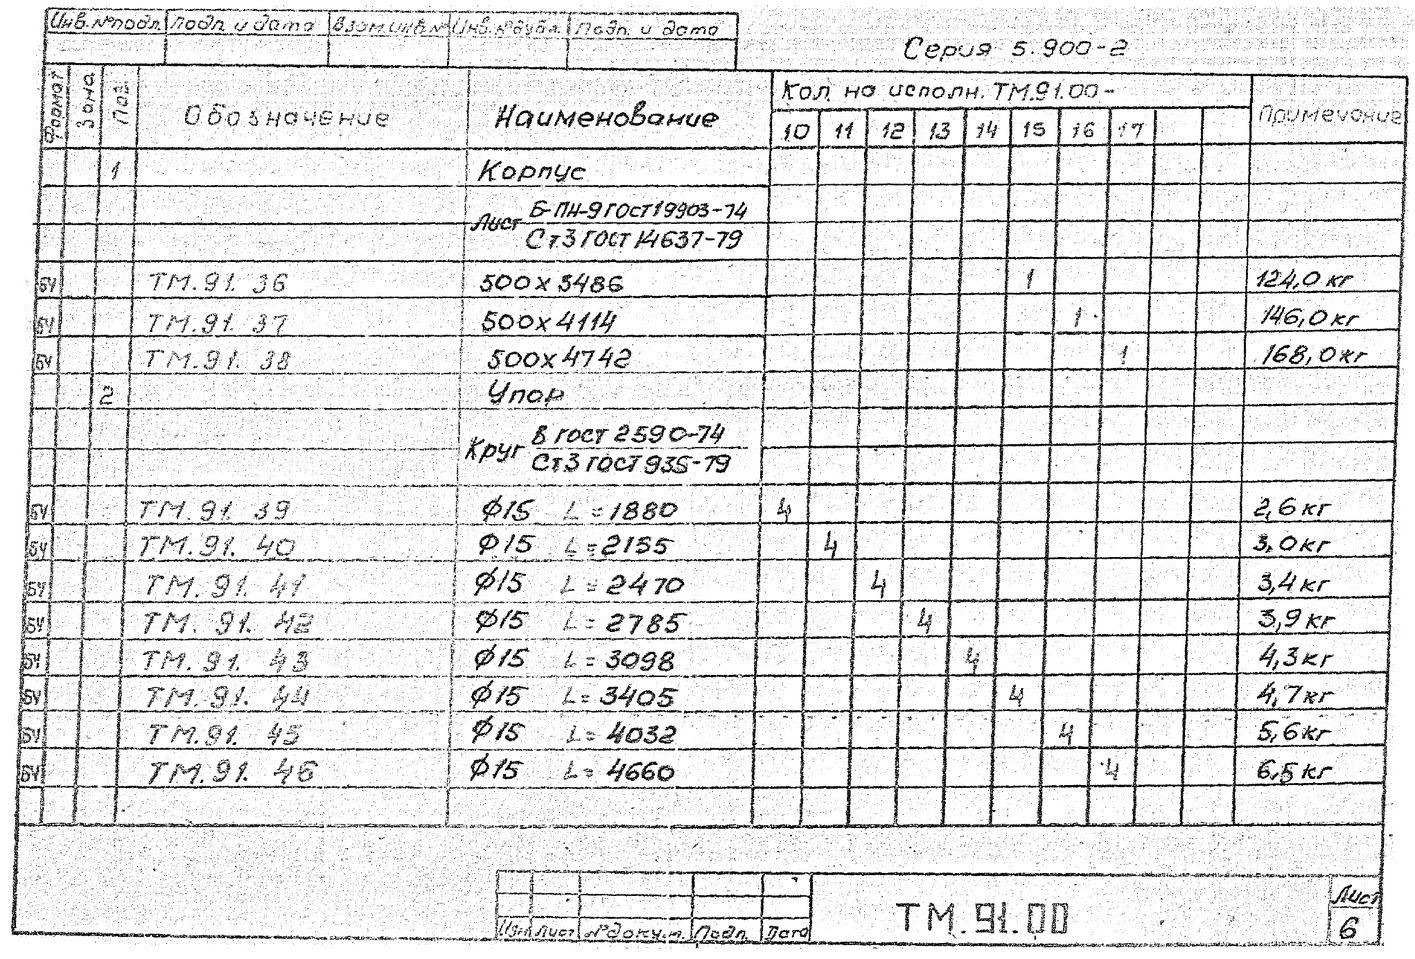 Сальники набивные ТМ.91.00 серия 5.900-2 стр.7